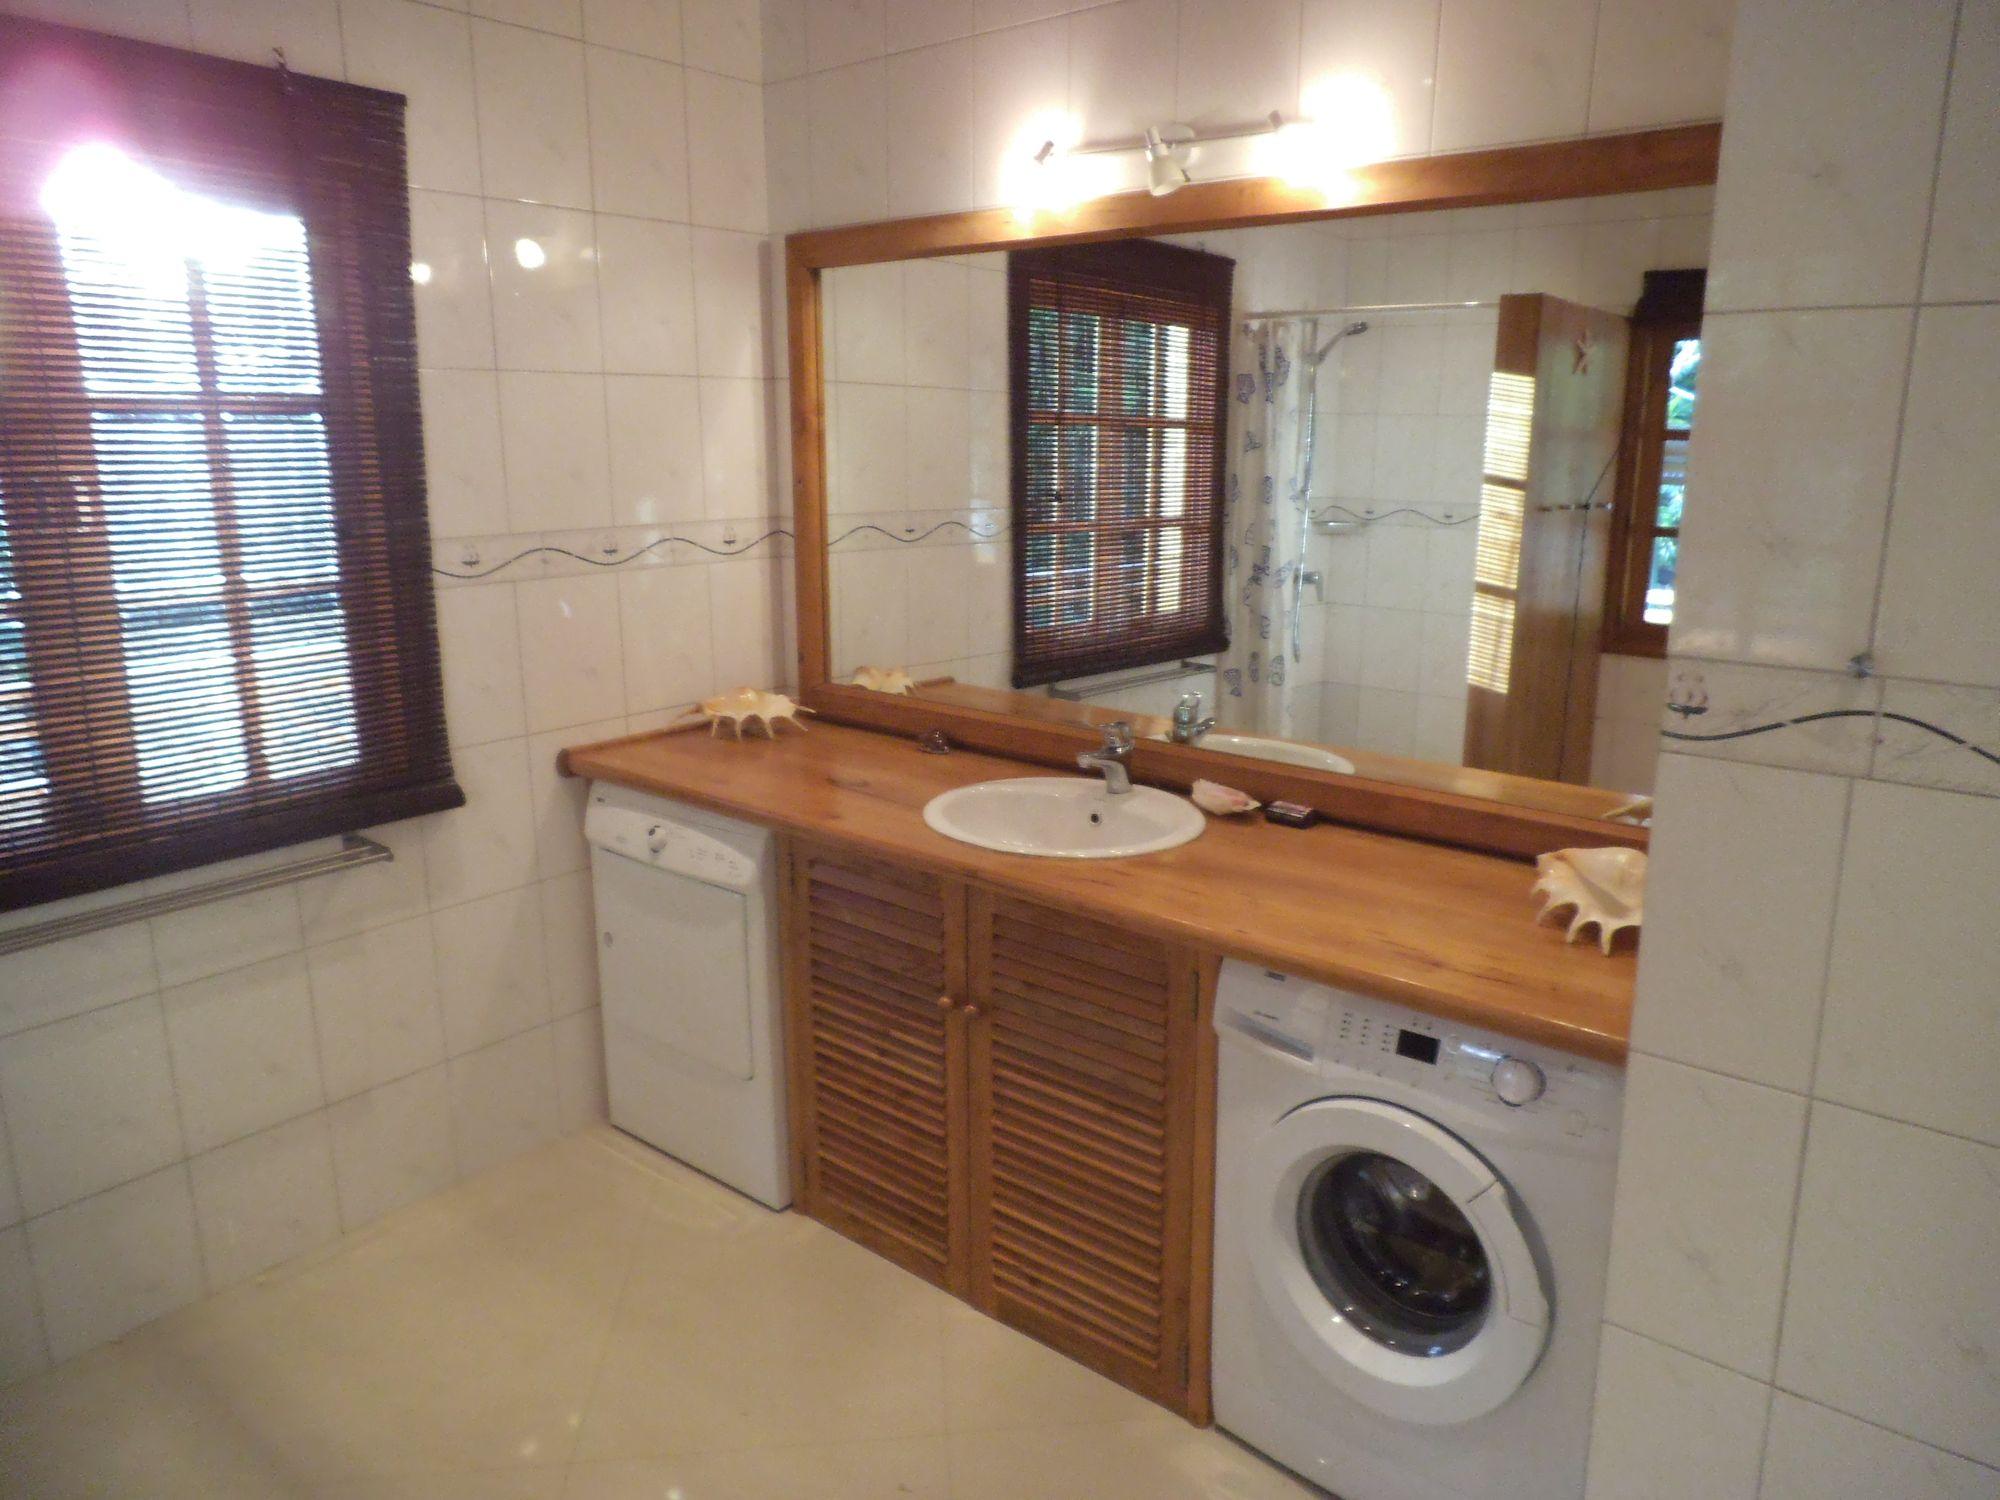 Badezimmer Regal über Waschmaschine Waschmaschine Regal